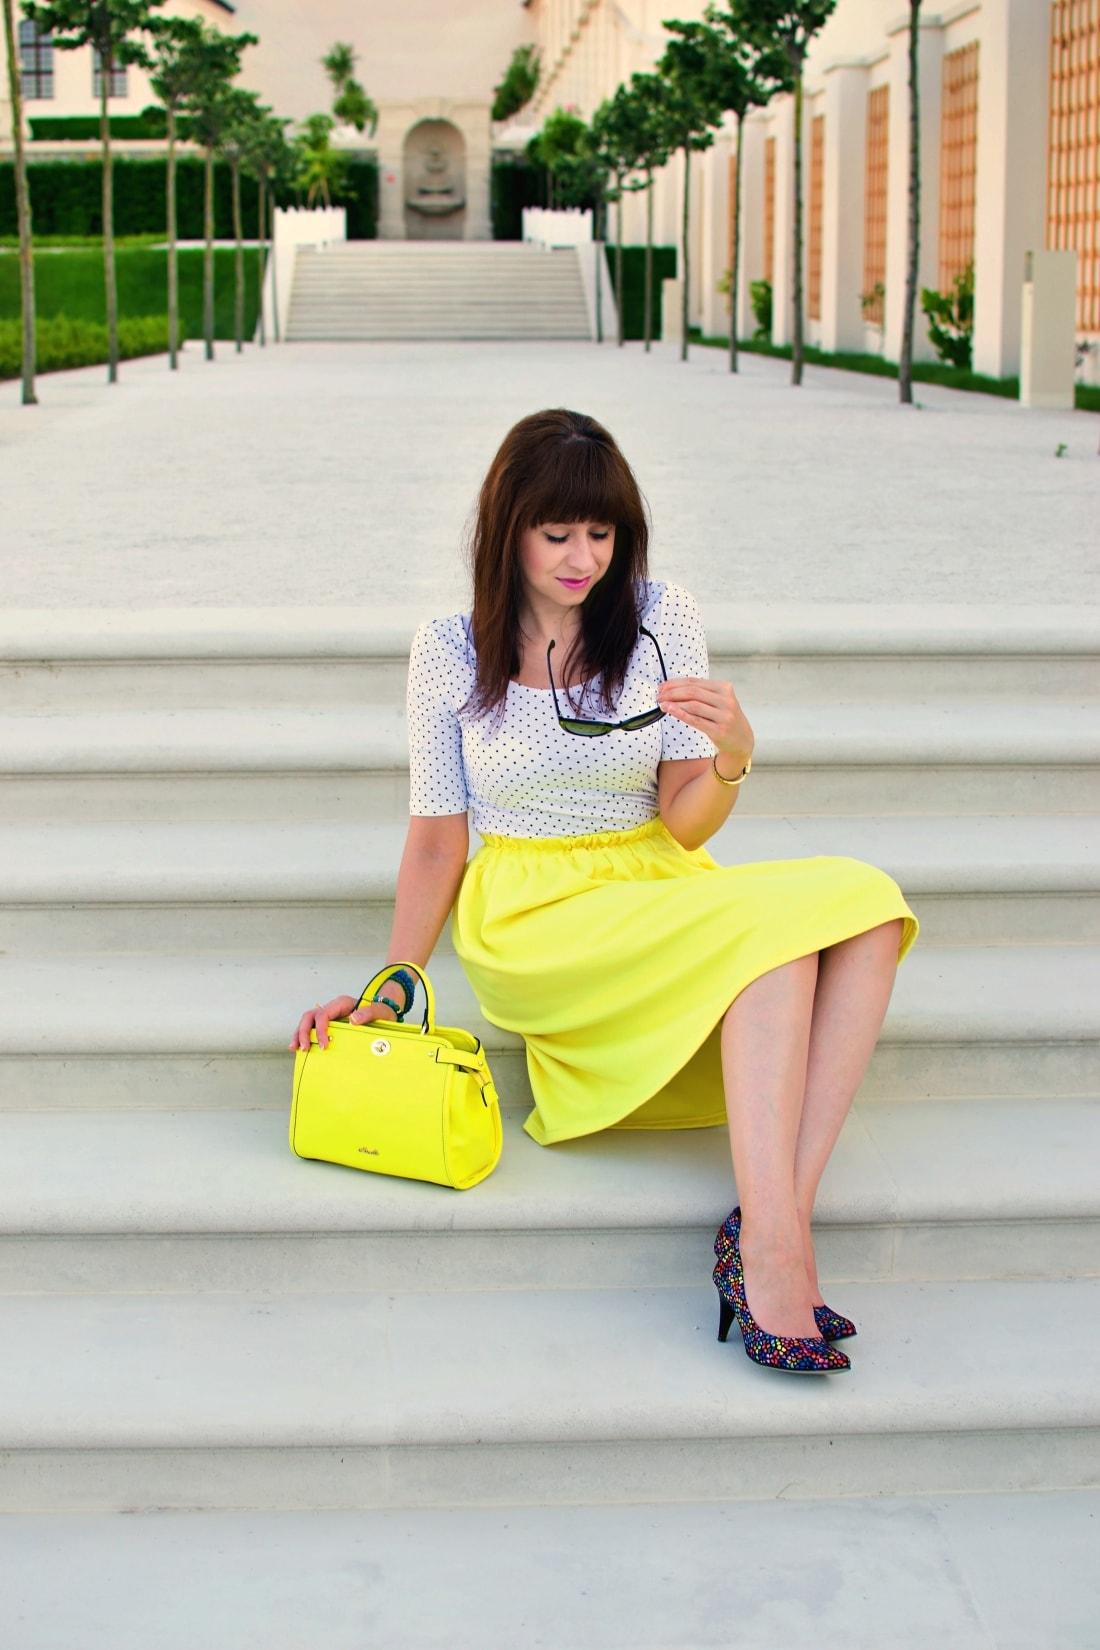 Vždy najlepšie_Katharine-fashion is beautiful blog 3_Dots_Bodky_Vzorované lodičky_Žltá sukňa_Katarína Jakubčová_Fashion blogger